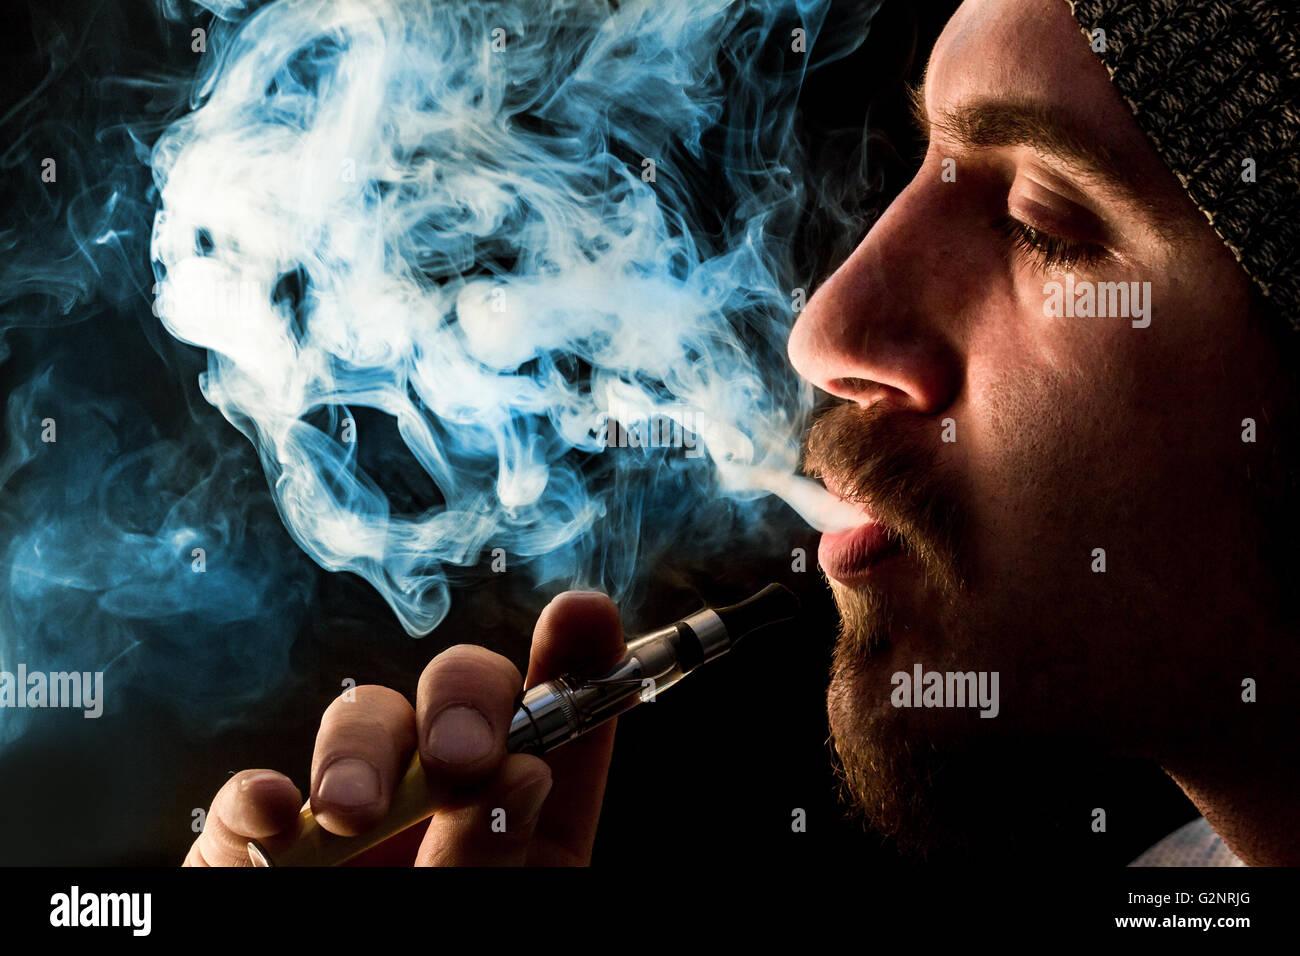 Dramatischer Beleuchtung bärtigen Mann raucht eine Vape e-Zigarette Stockbild